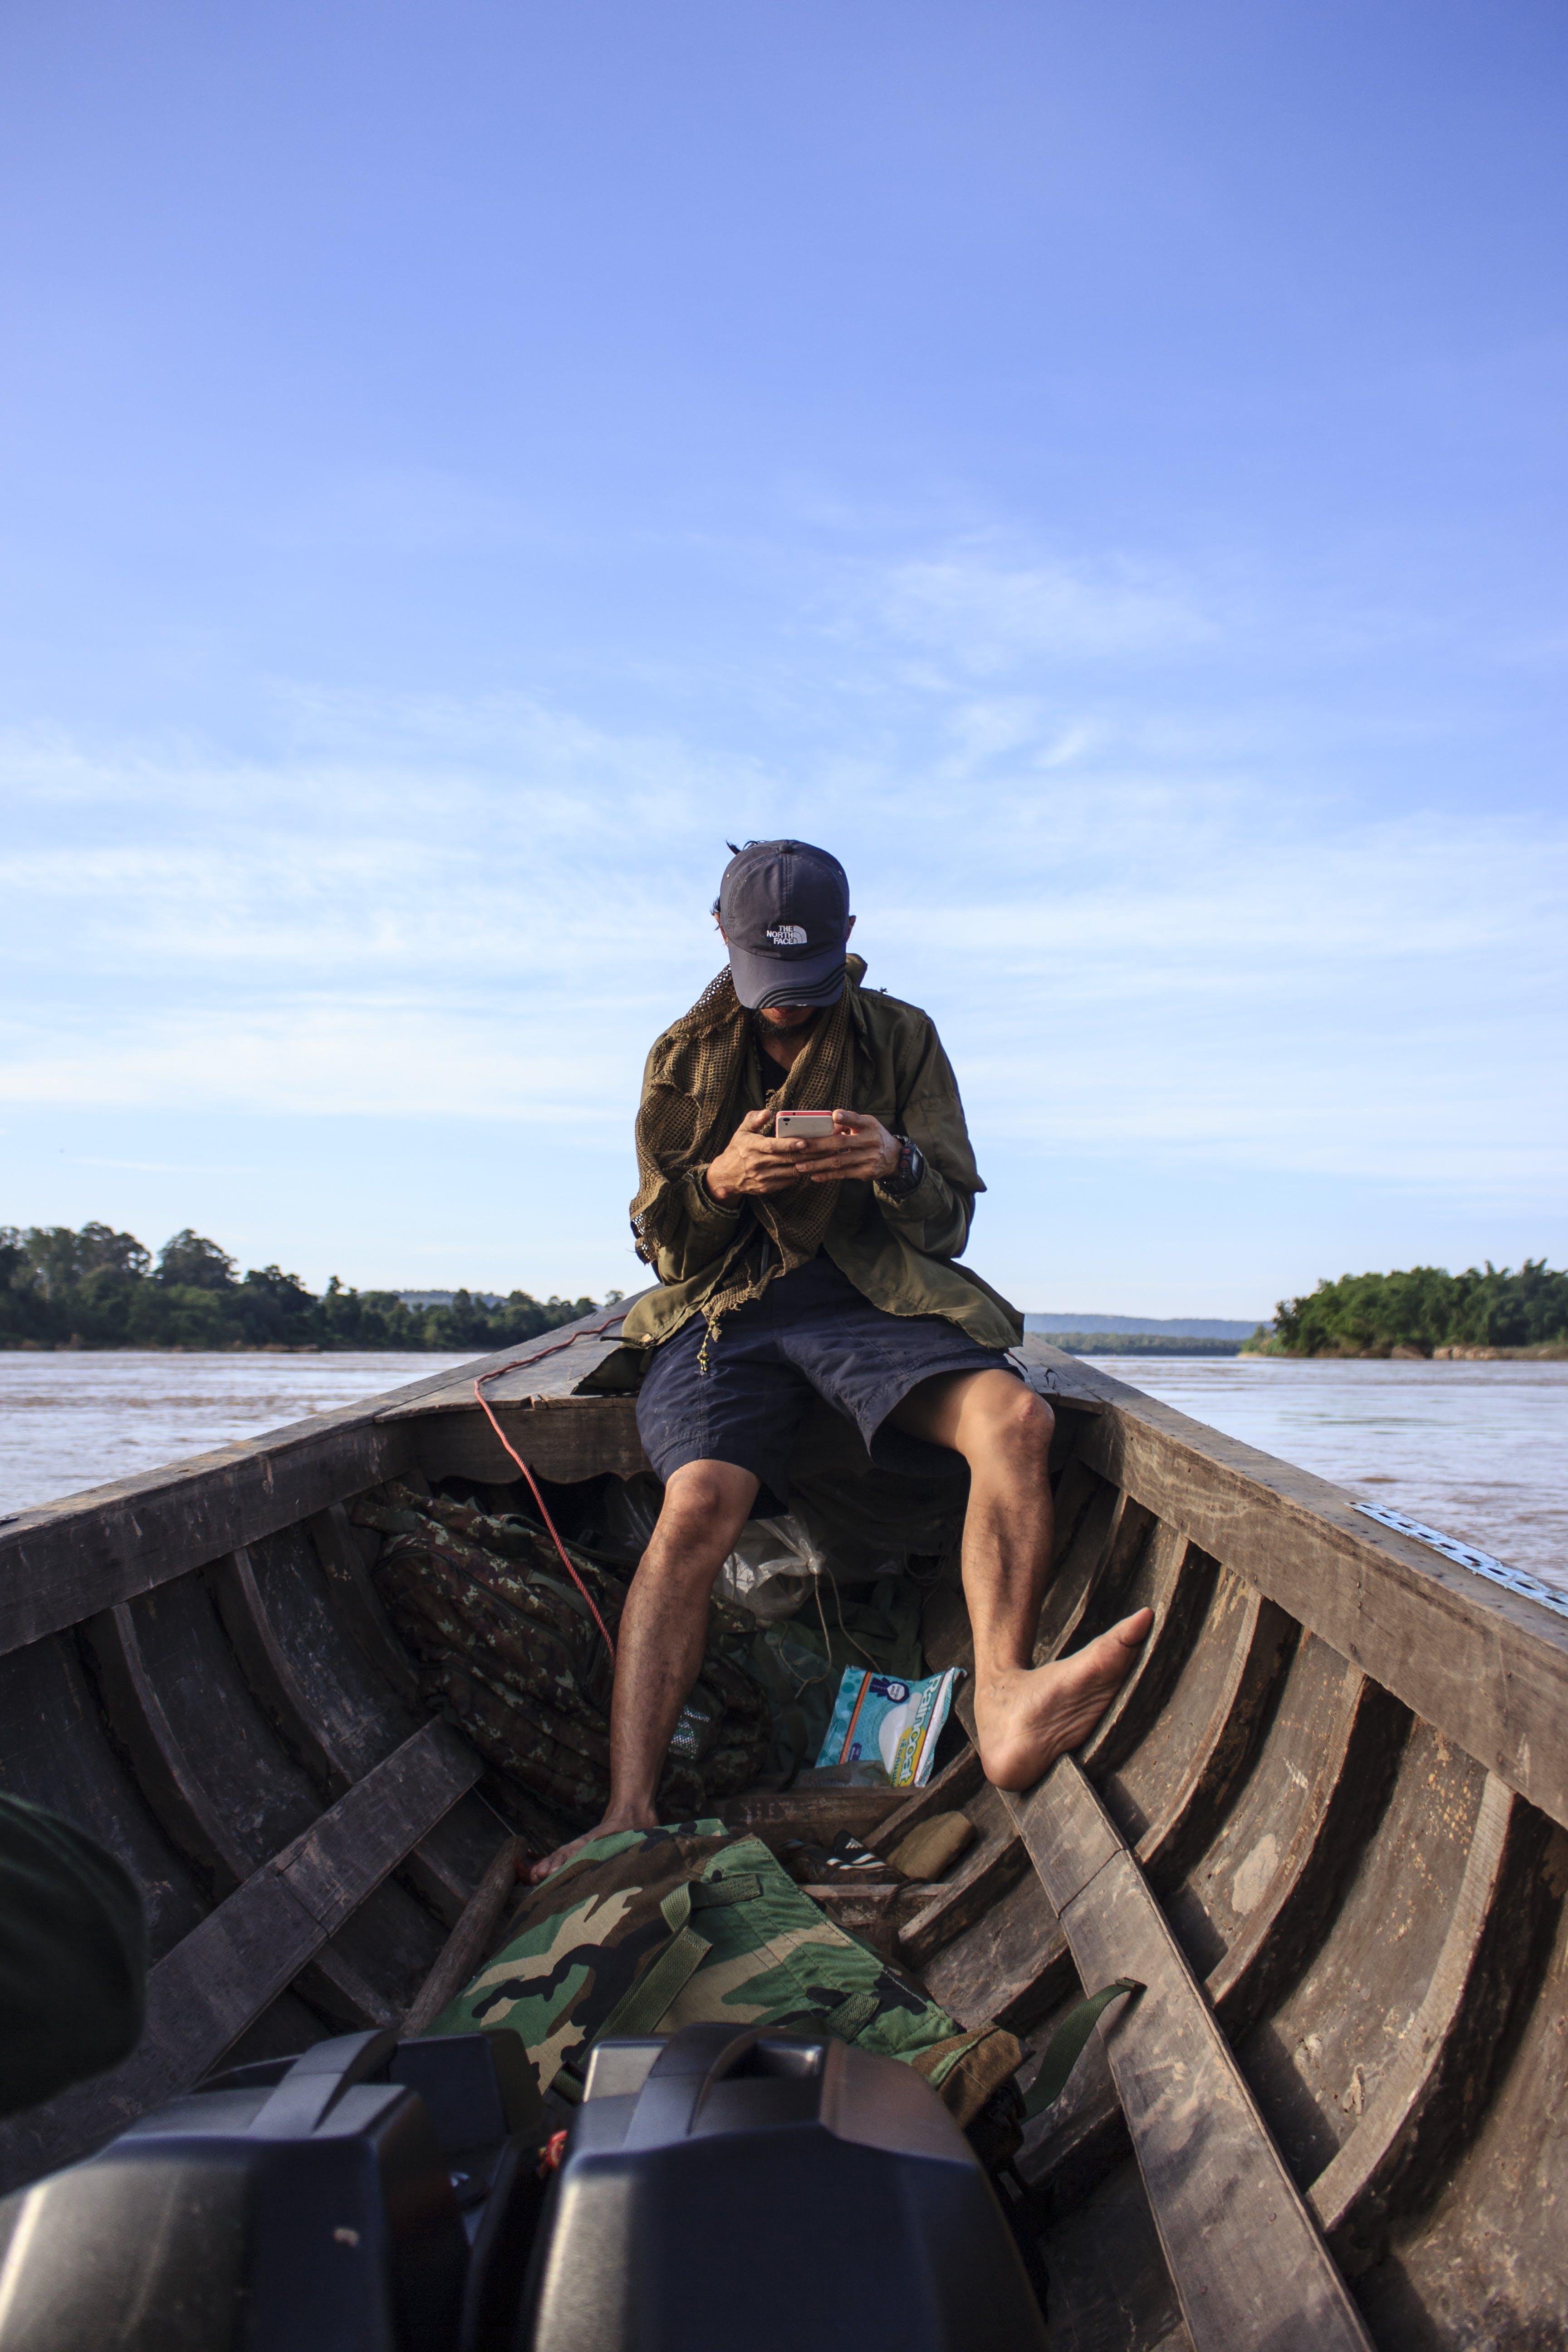 Man Wearing Black Cap Sitting Inside a Boat